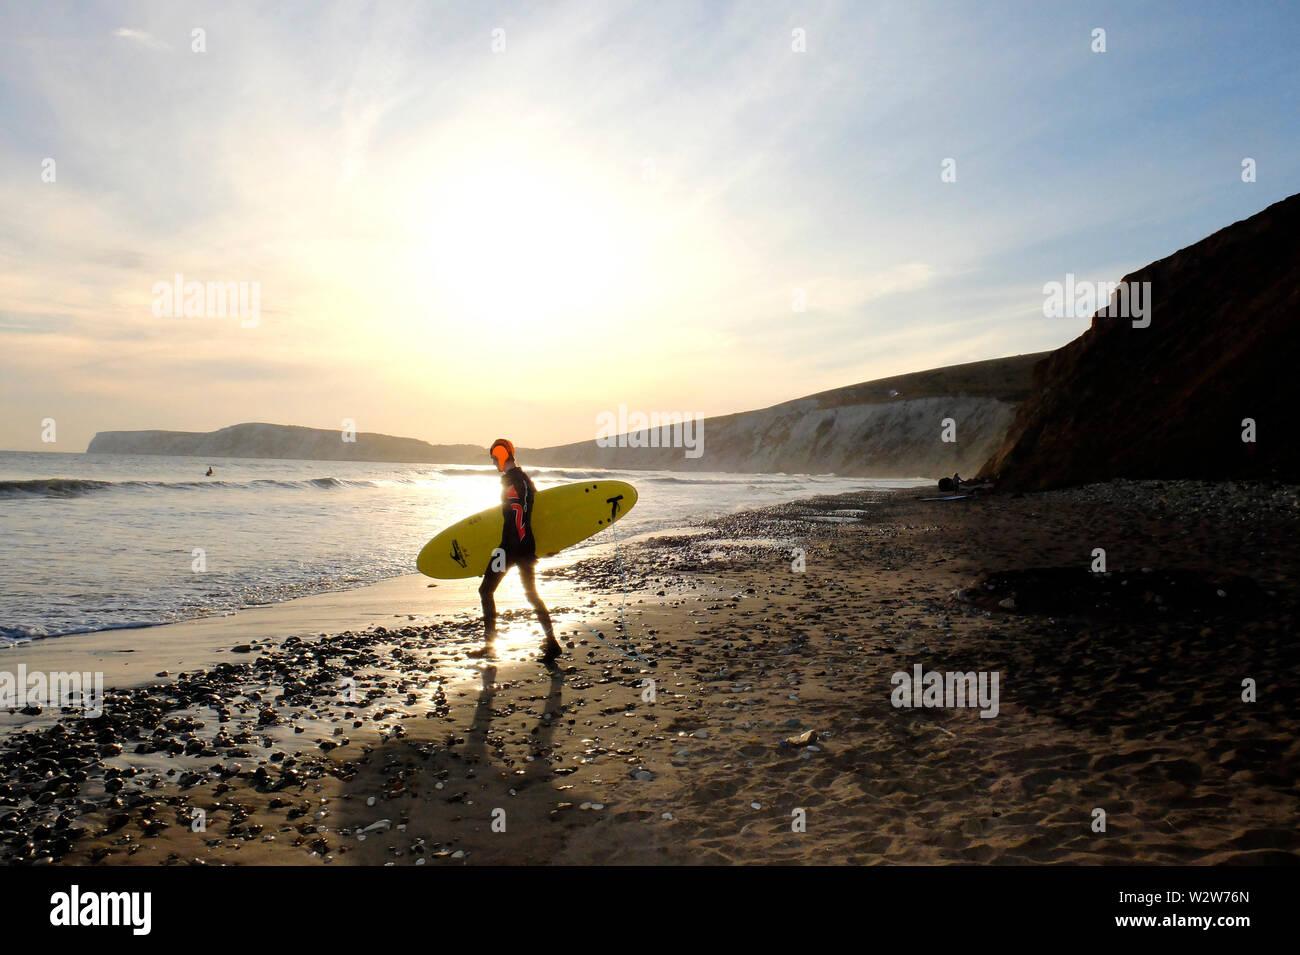 Un hombre joven llevando su tabla de surf bajo el brazo, los jefes en el mar a pie con la puesta de sol y Tennyson abajo rocas calcáreas en el fondo Foto de stock